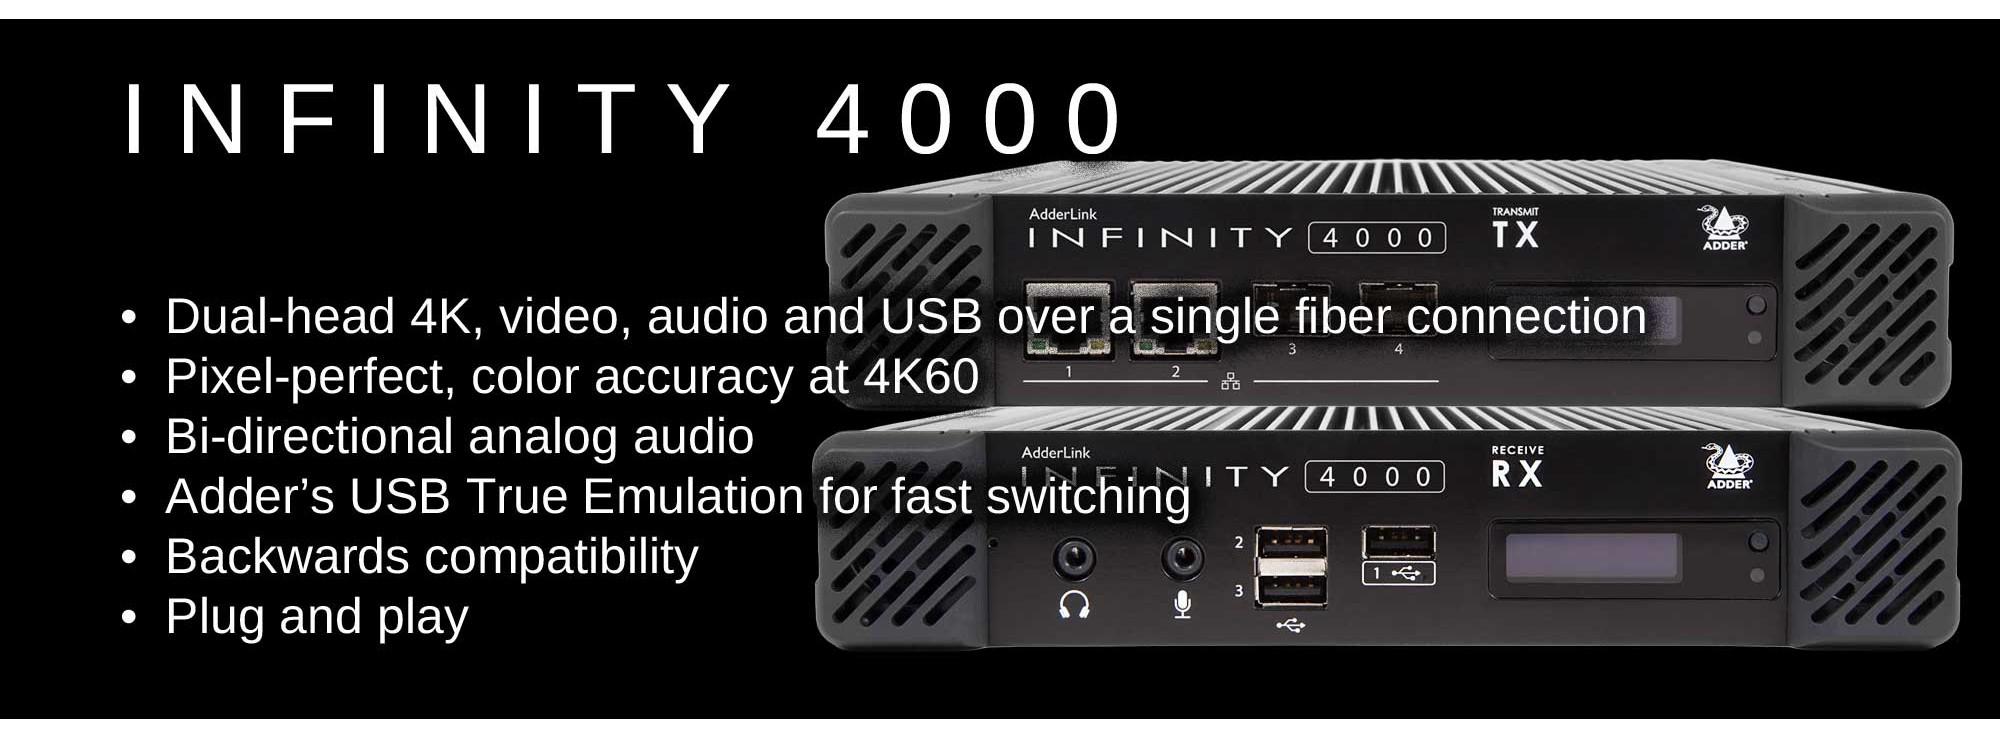 INFINITY 4000